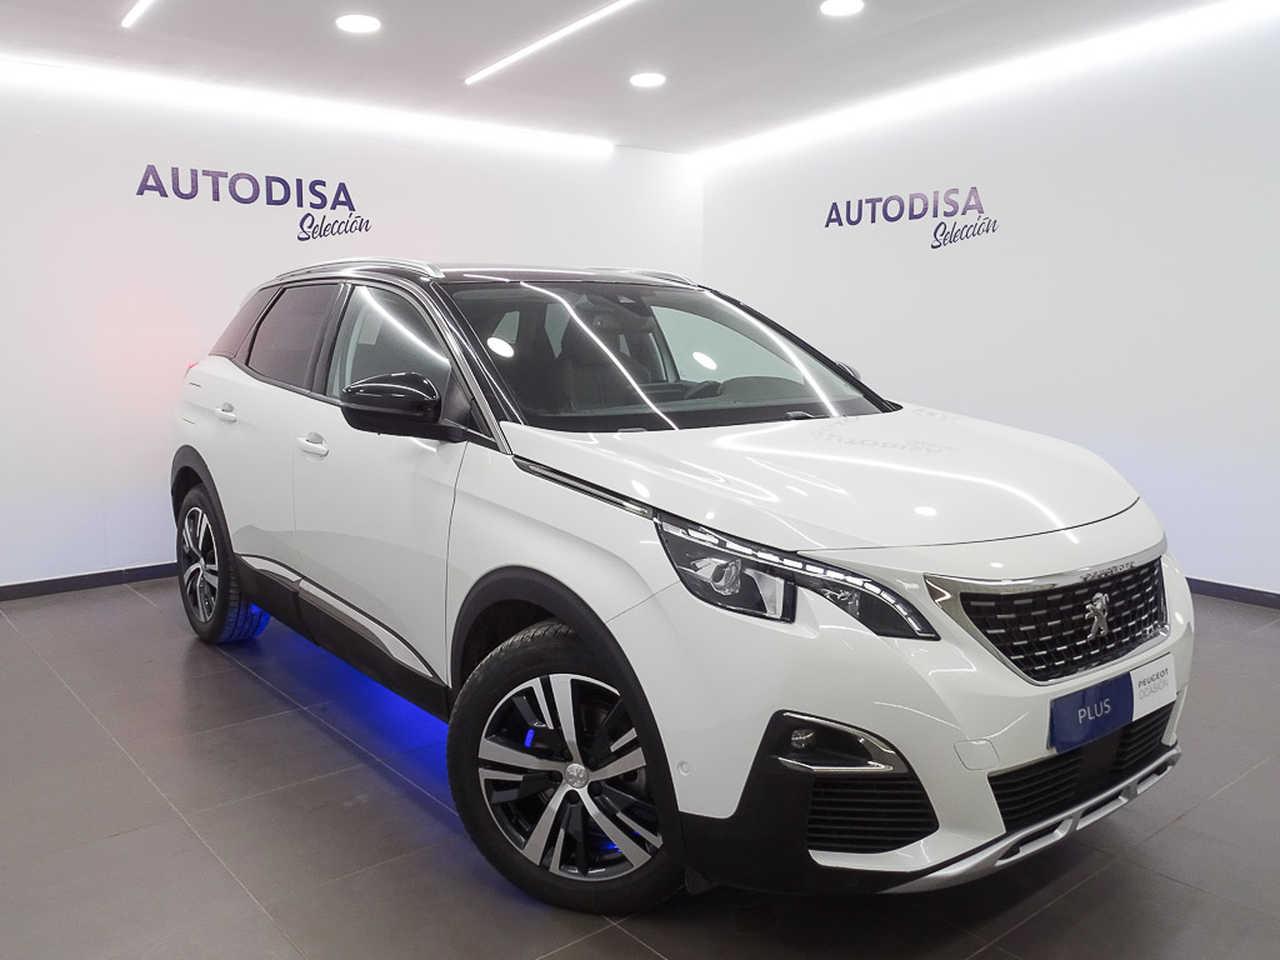 Peugeot 3008 1.5L BLUEHDI ALLURE 1.5L BLUEHDI 130 S&S